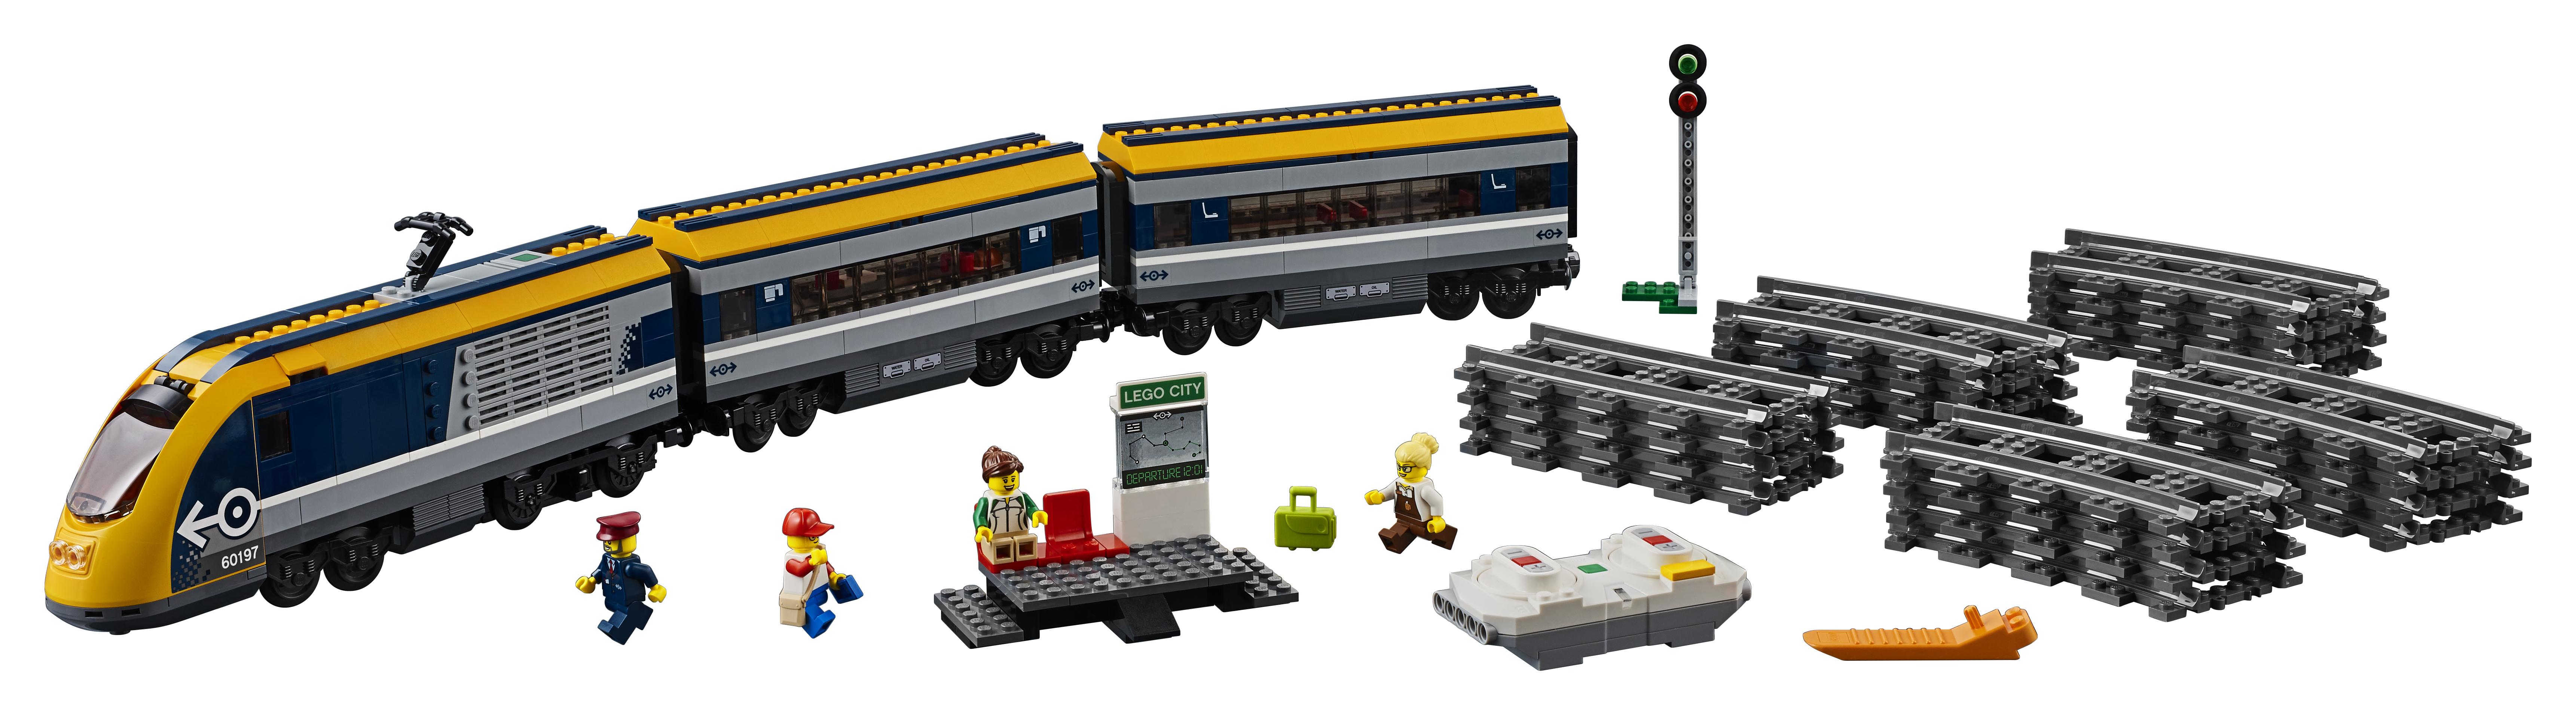 60197 - Osobní vlak